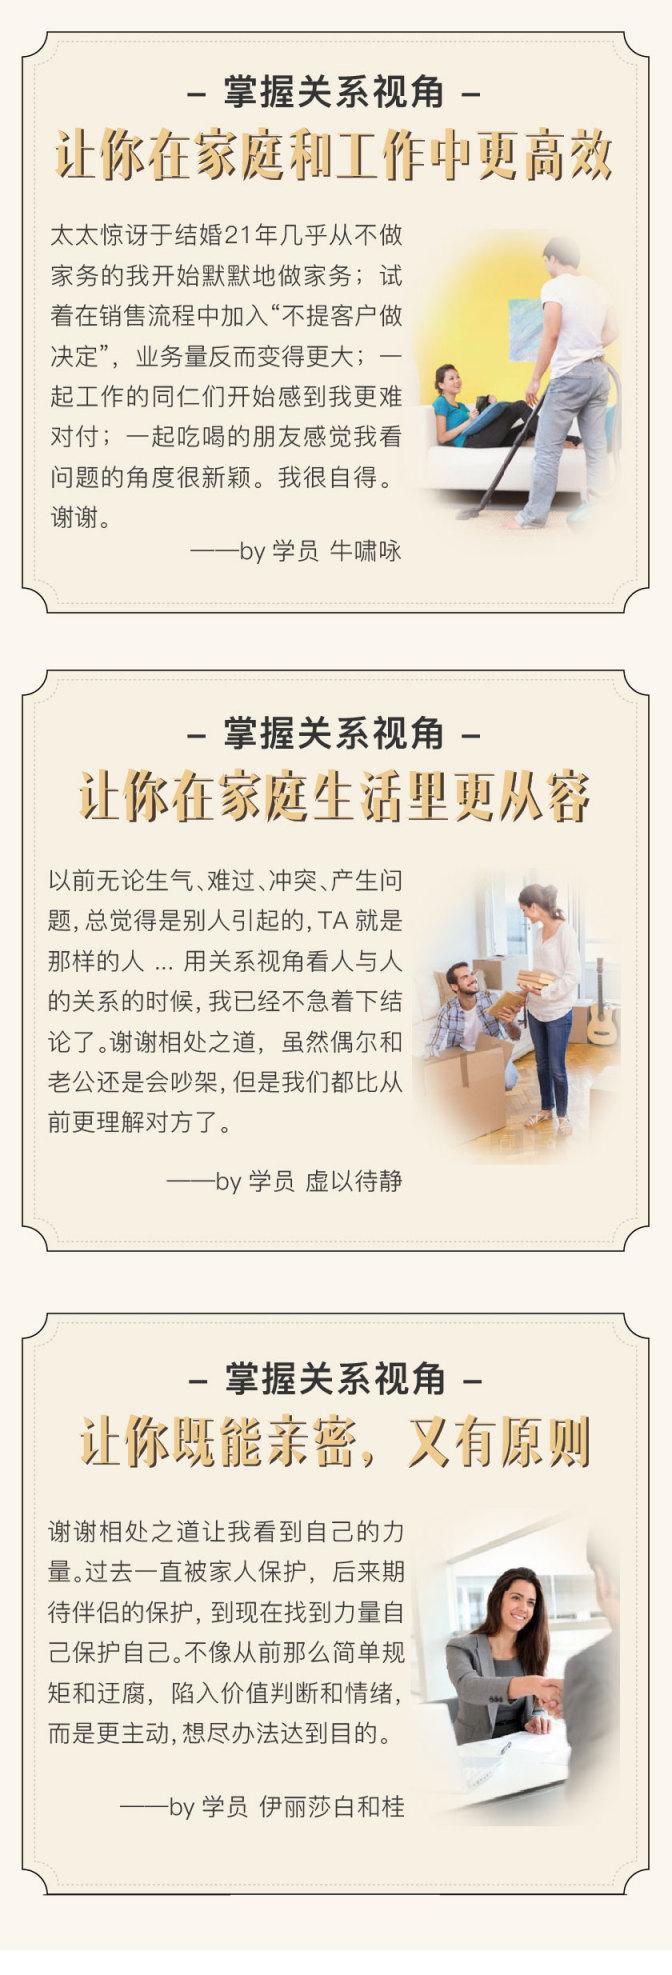 蜻蜓荔枝小鹅通包装长图-04_02.jpg